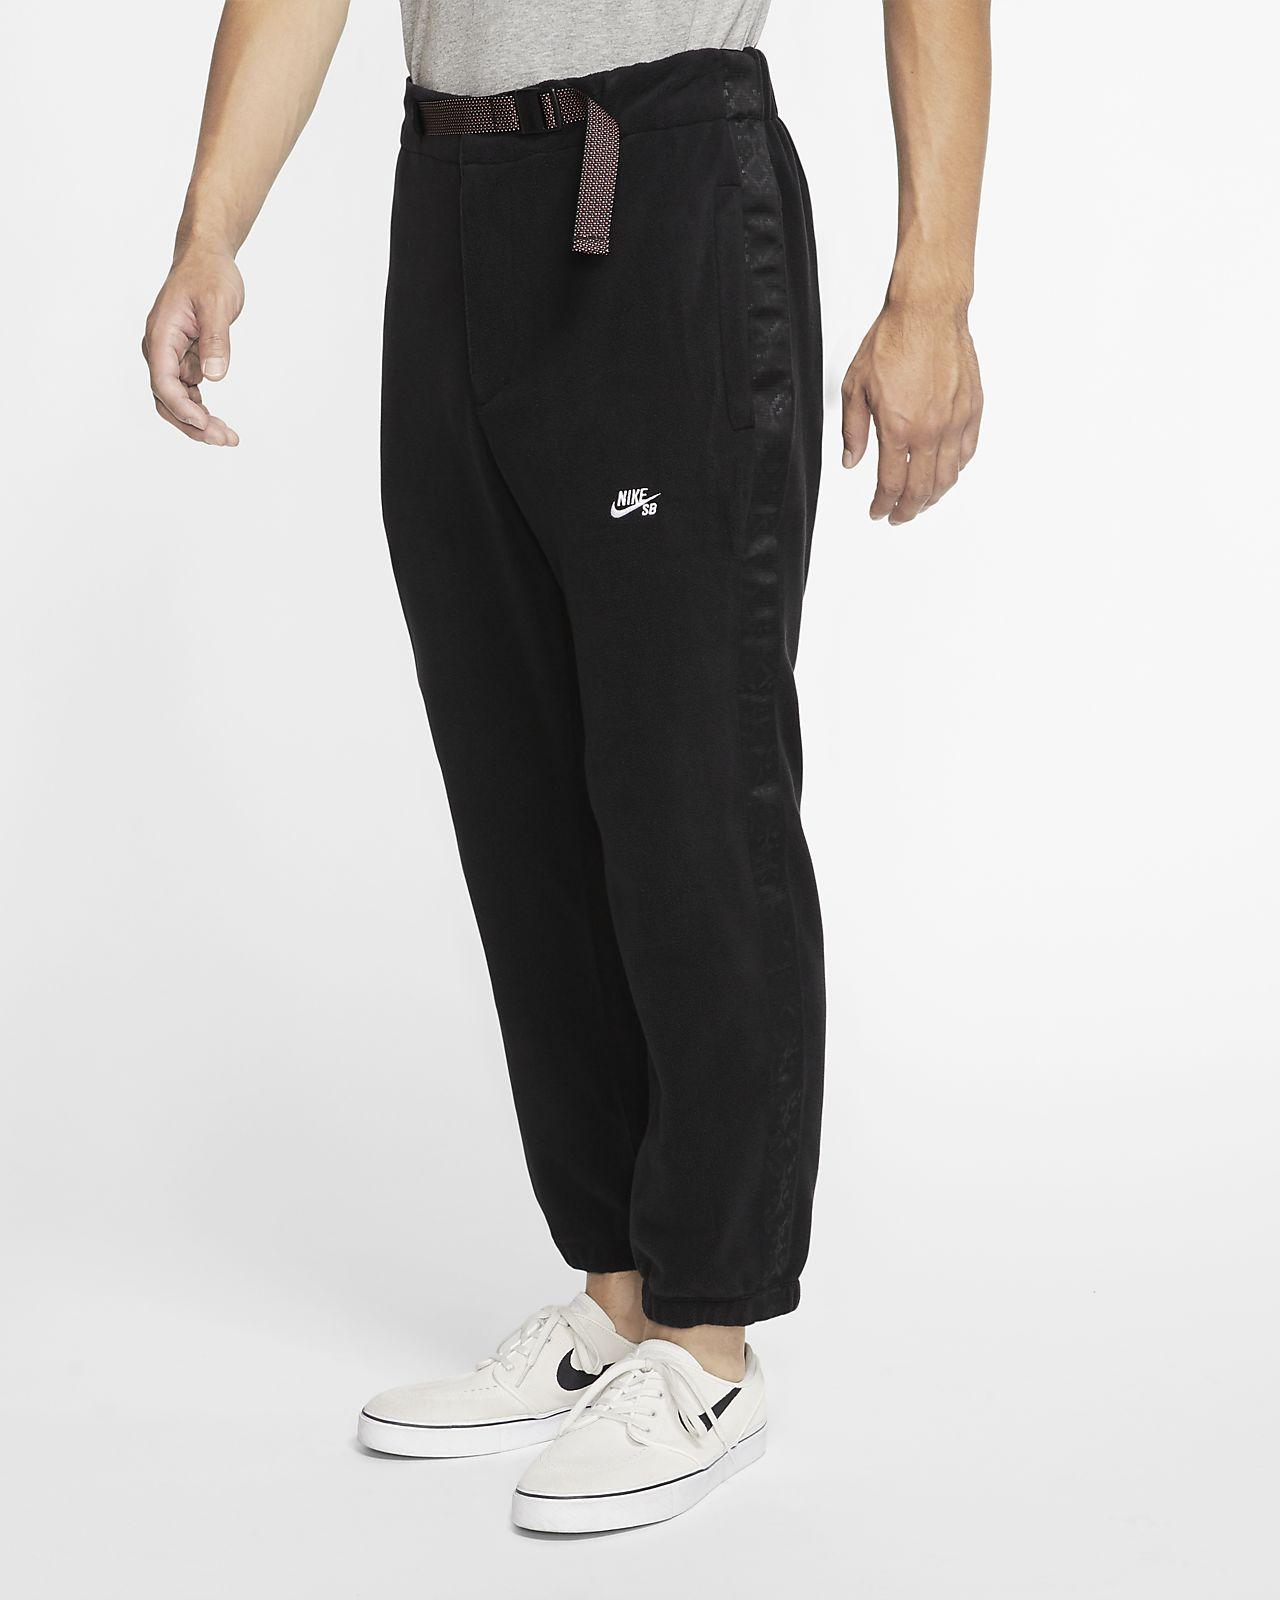 Skateboardbyxor Nike SB i fleece för män